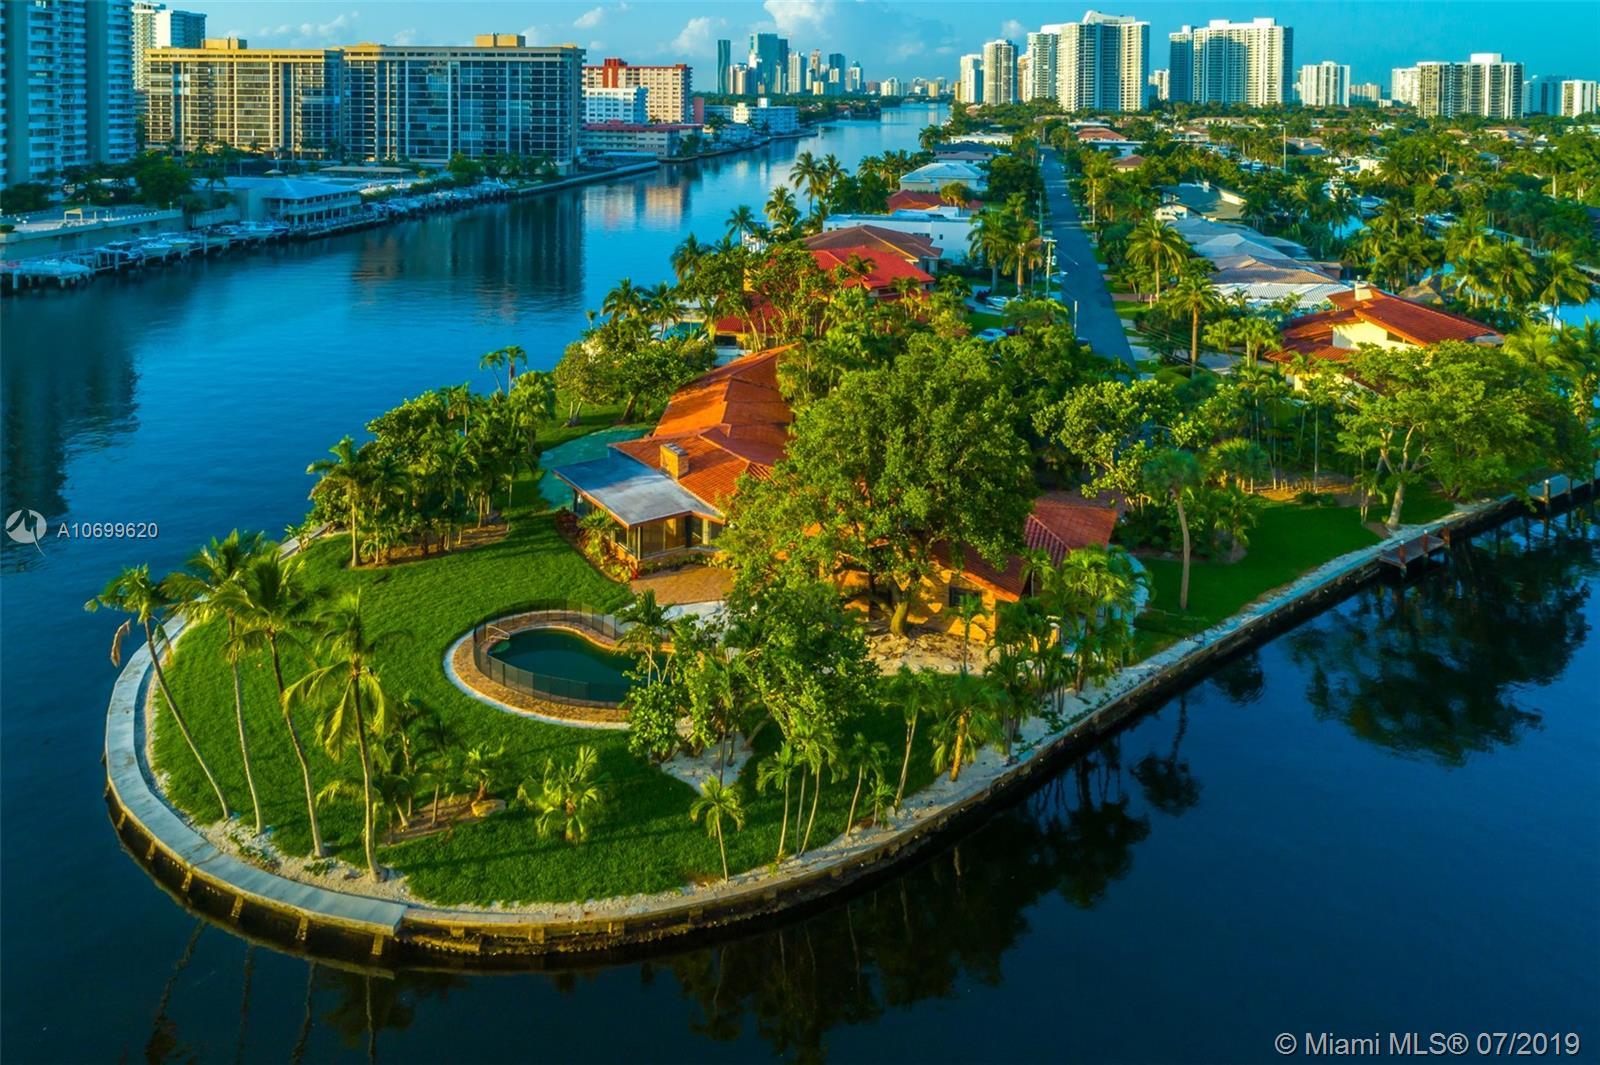 501 Palm Dr Hallandale, FL 33009